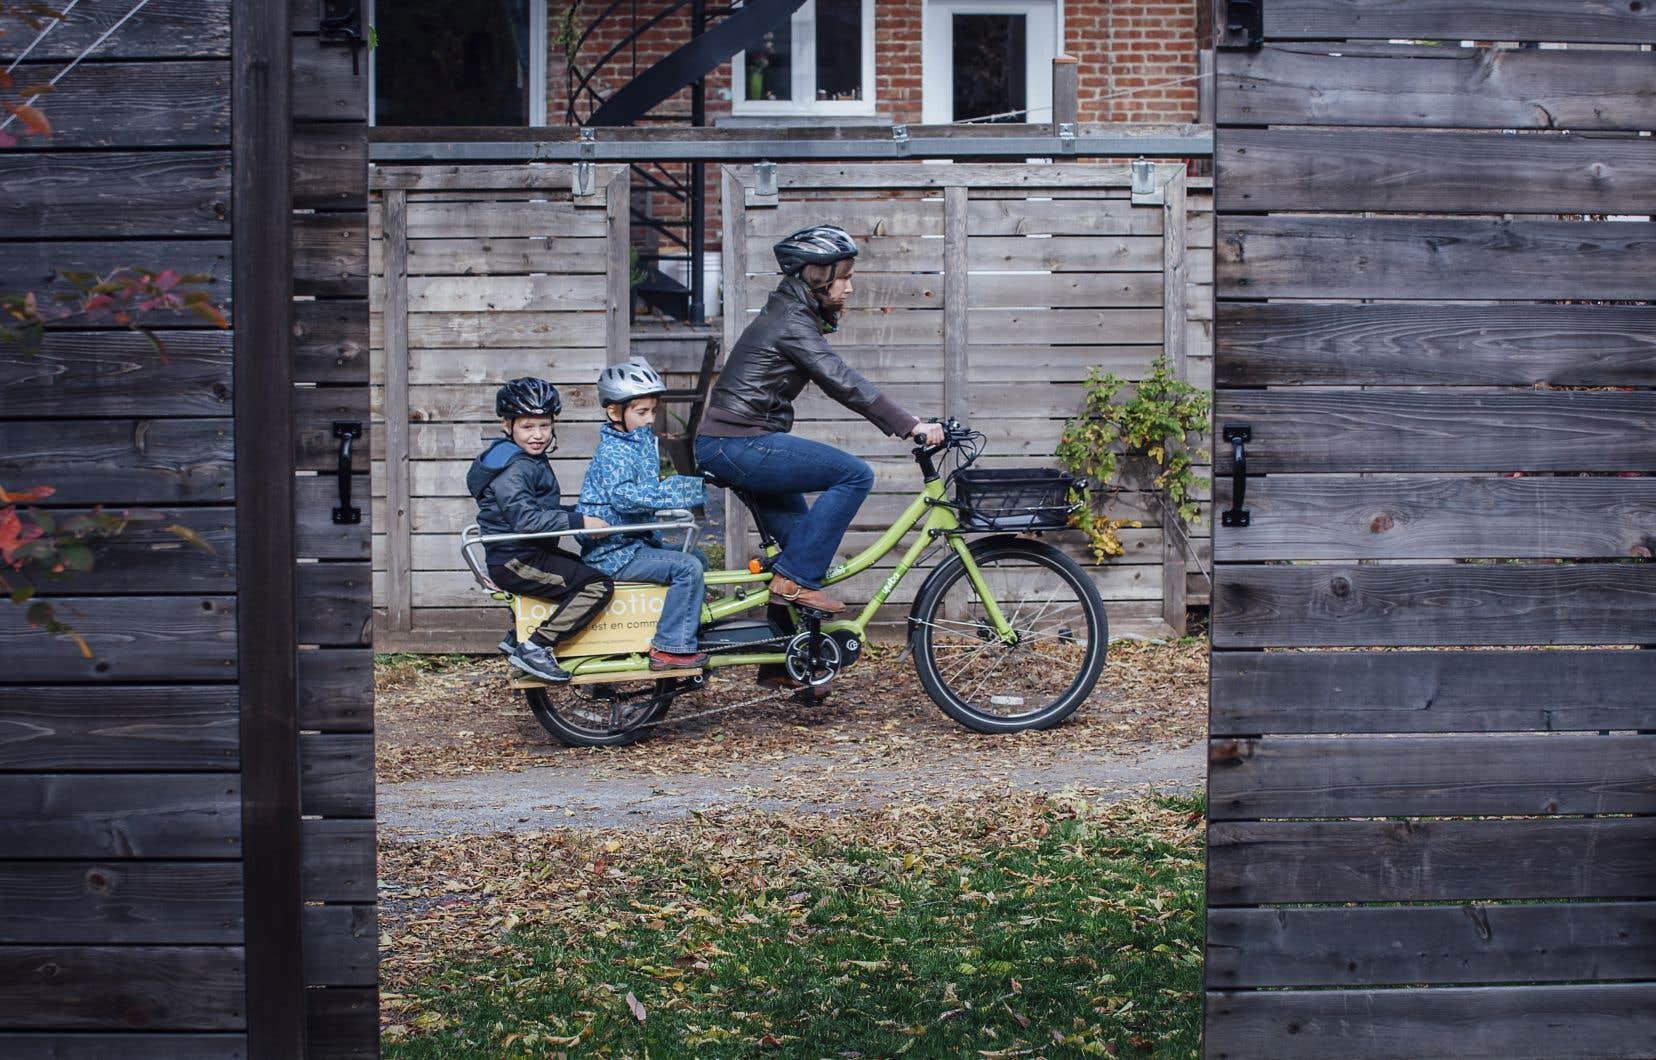 Une flotte composée de vélos-cargos électriques et de remorques, pour déplacer enfants ou matériel, est mise à la disposition des membres, qui habitent dans un rayon de cinq minutes de marche.